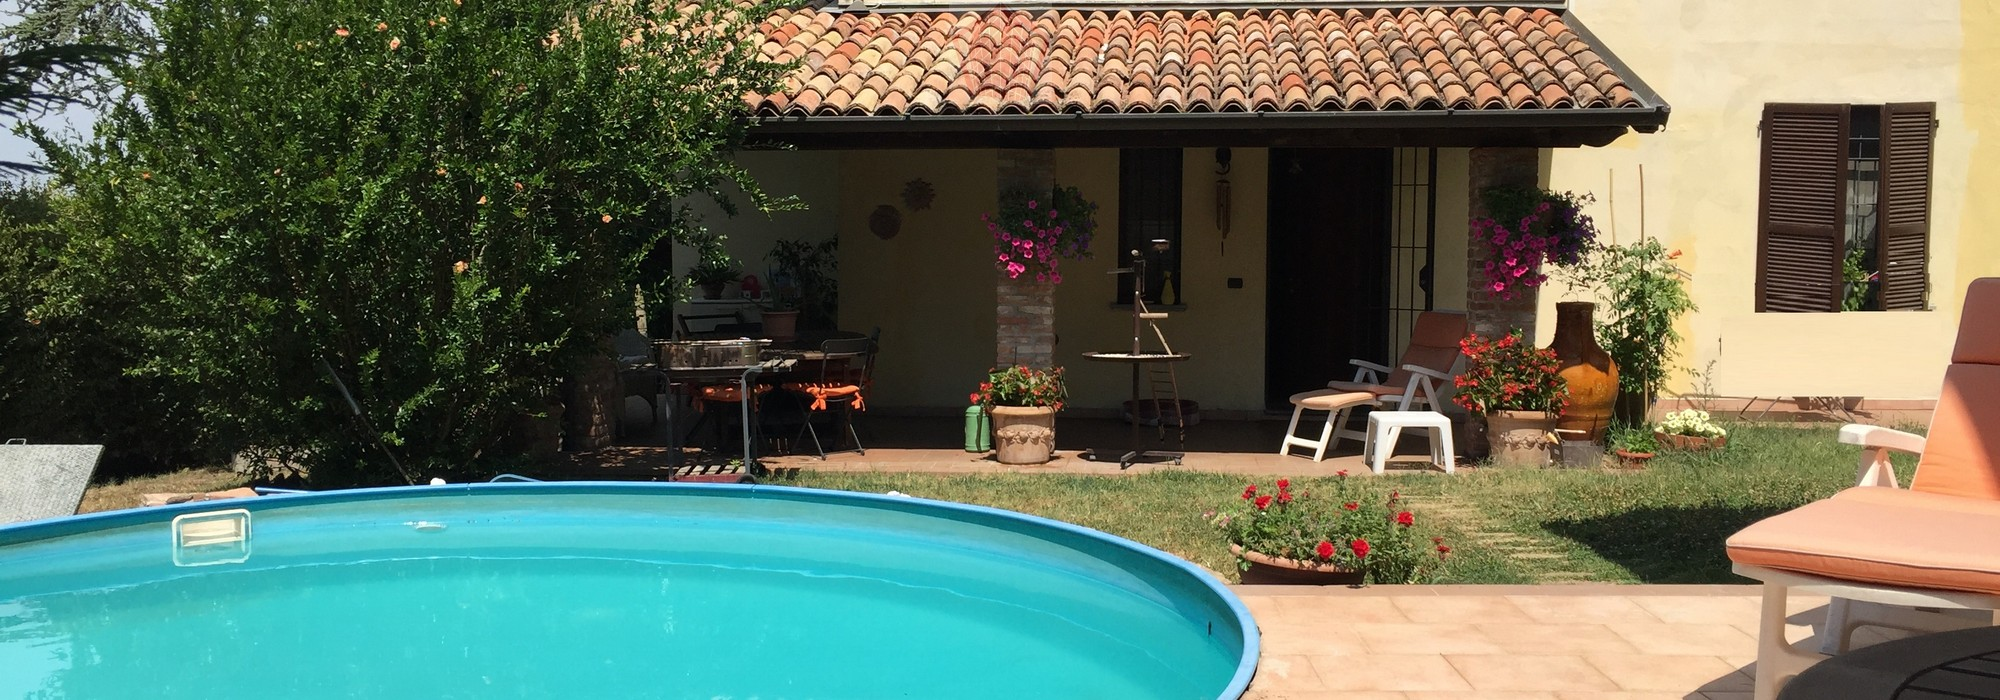 San Damiano al Colle (PV) In frazione Casale del '600 con depandance e piscina Rif. 124